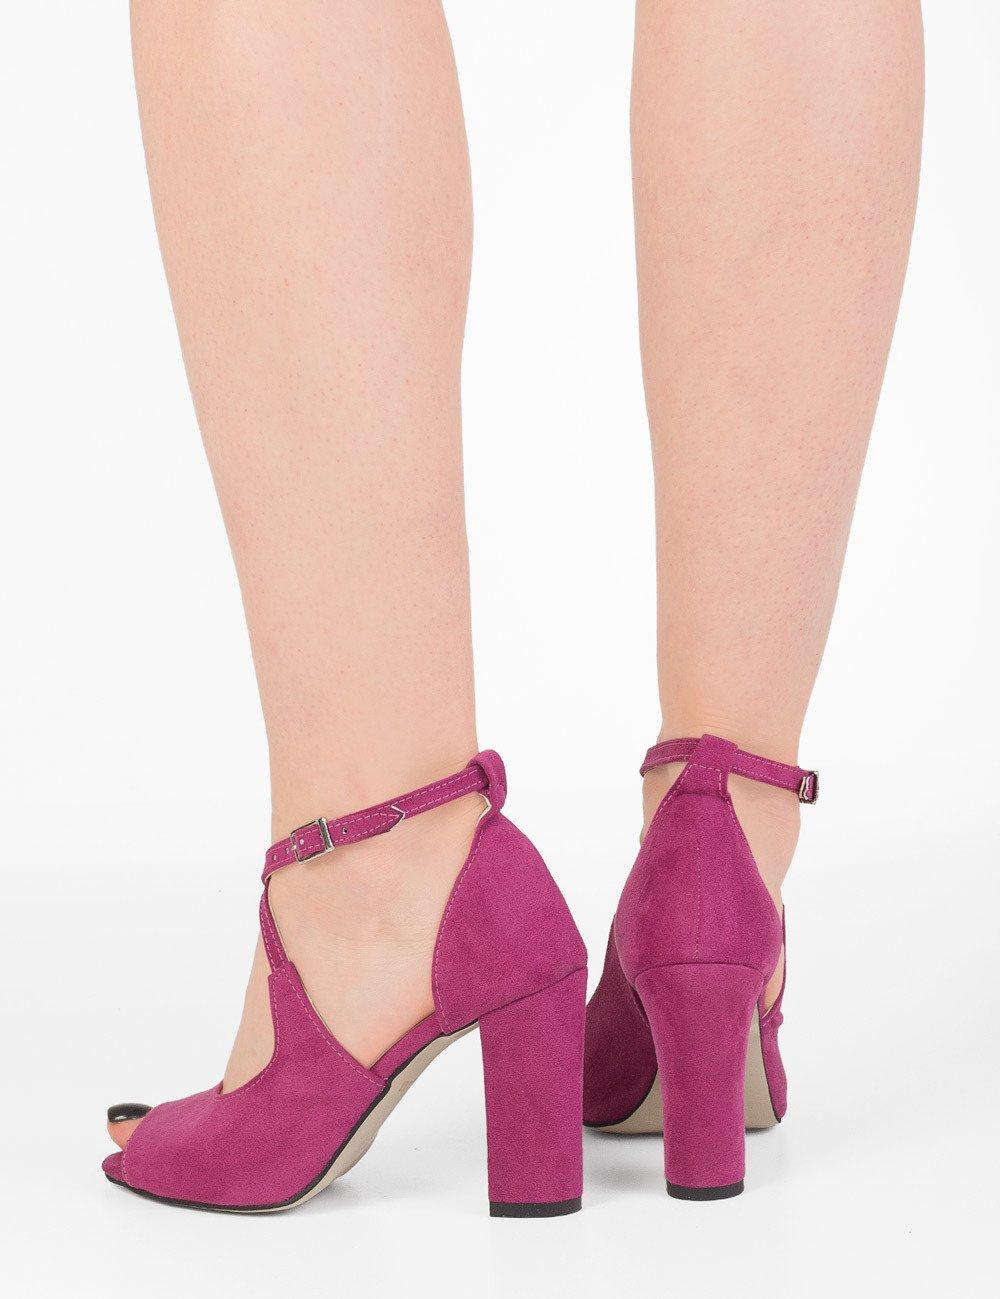 Zamszowe sandały na słupku Natasha fuksja